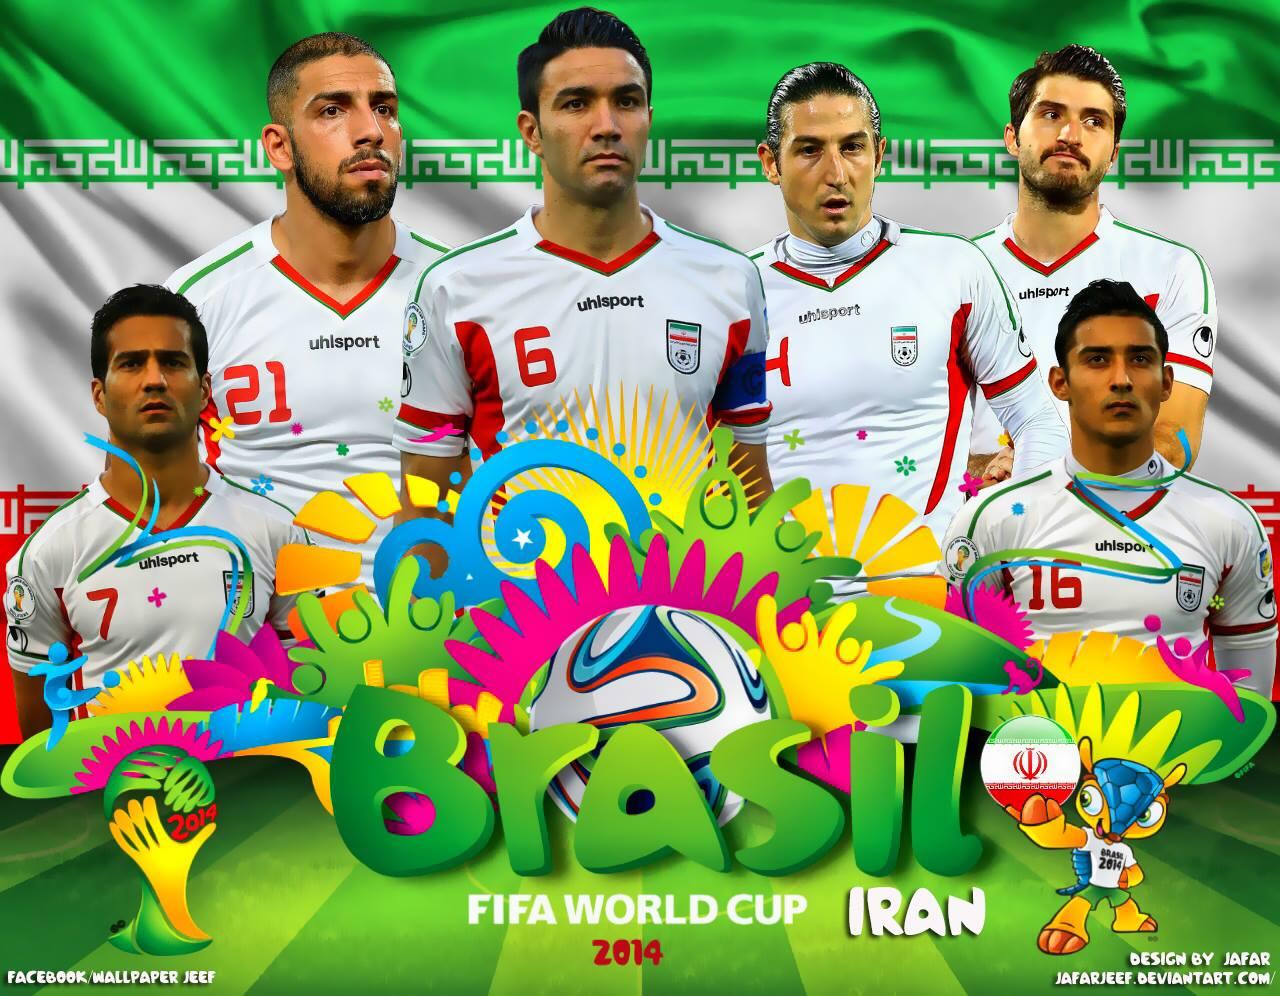 اخبار تیم ملی ایران در جام جهانی 2014 برزیل